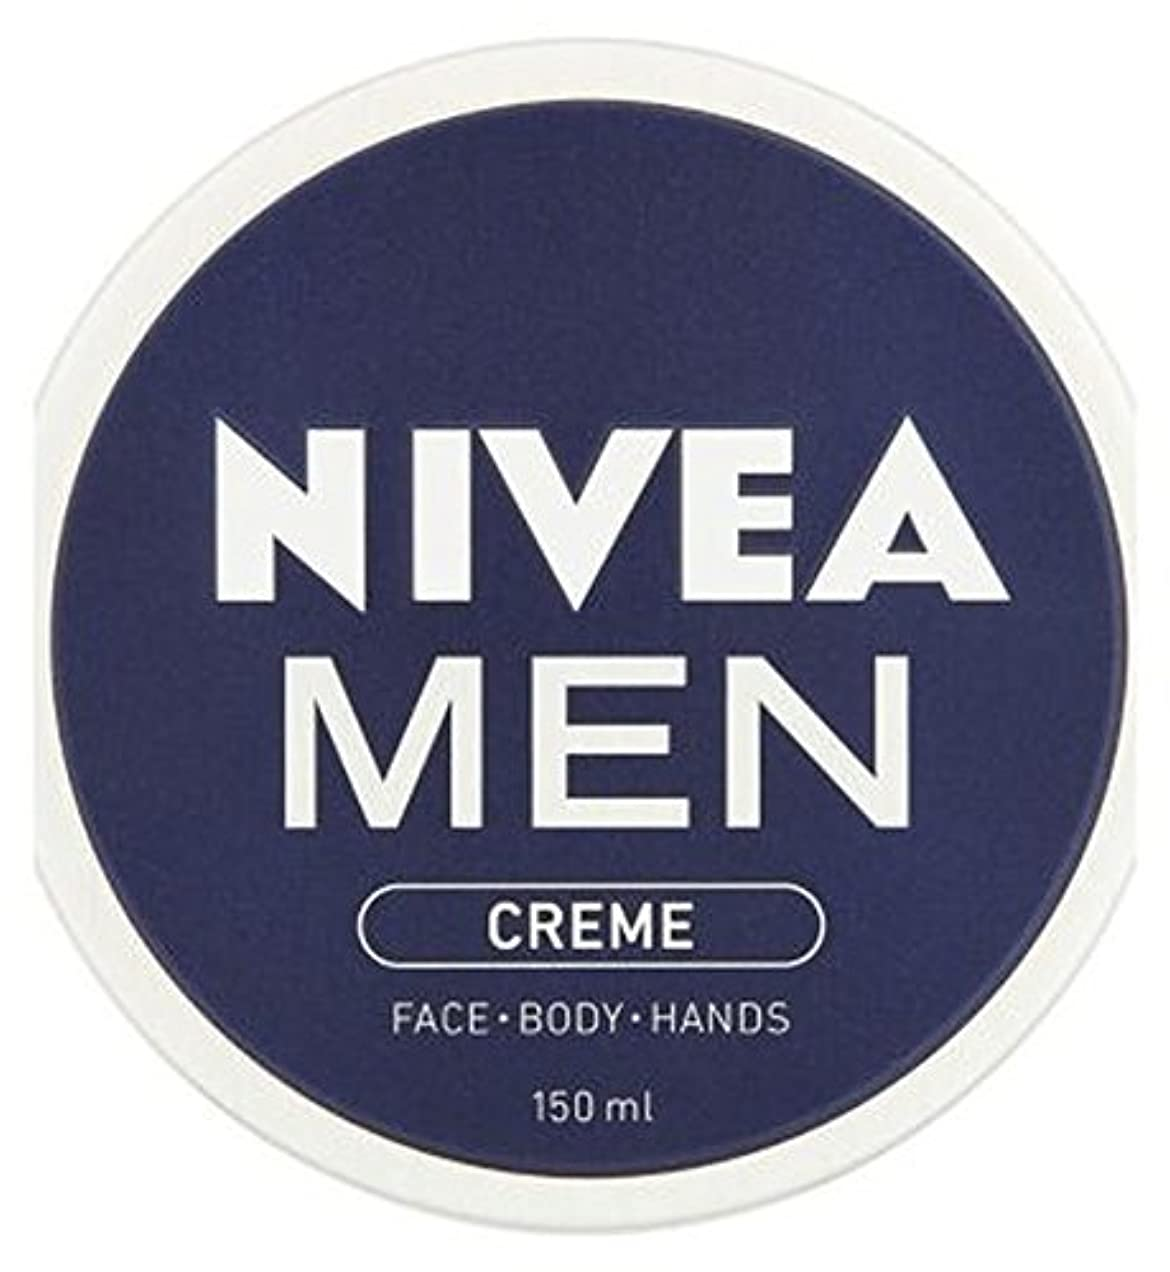 とにかく美容師いまNIVEA MEN Creme 150ml - ニベアの男性が150ミリリットルクリーム (Nivea) [並行輸入品]